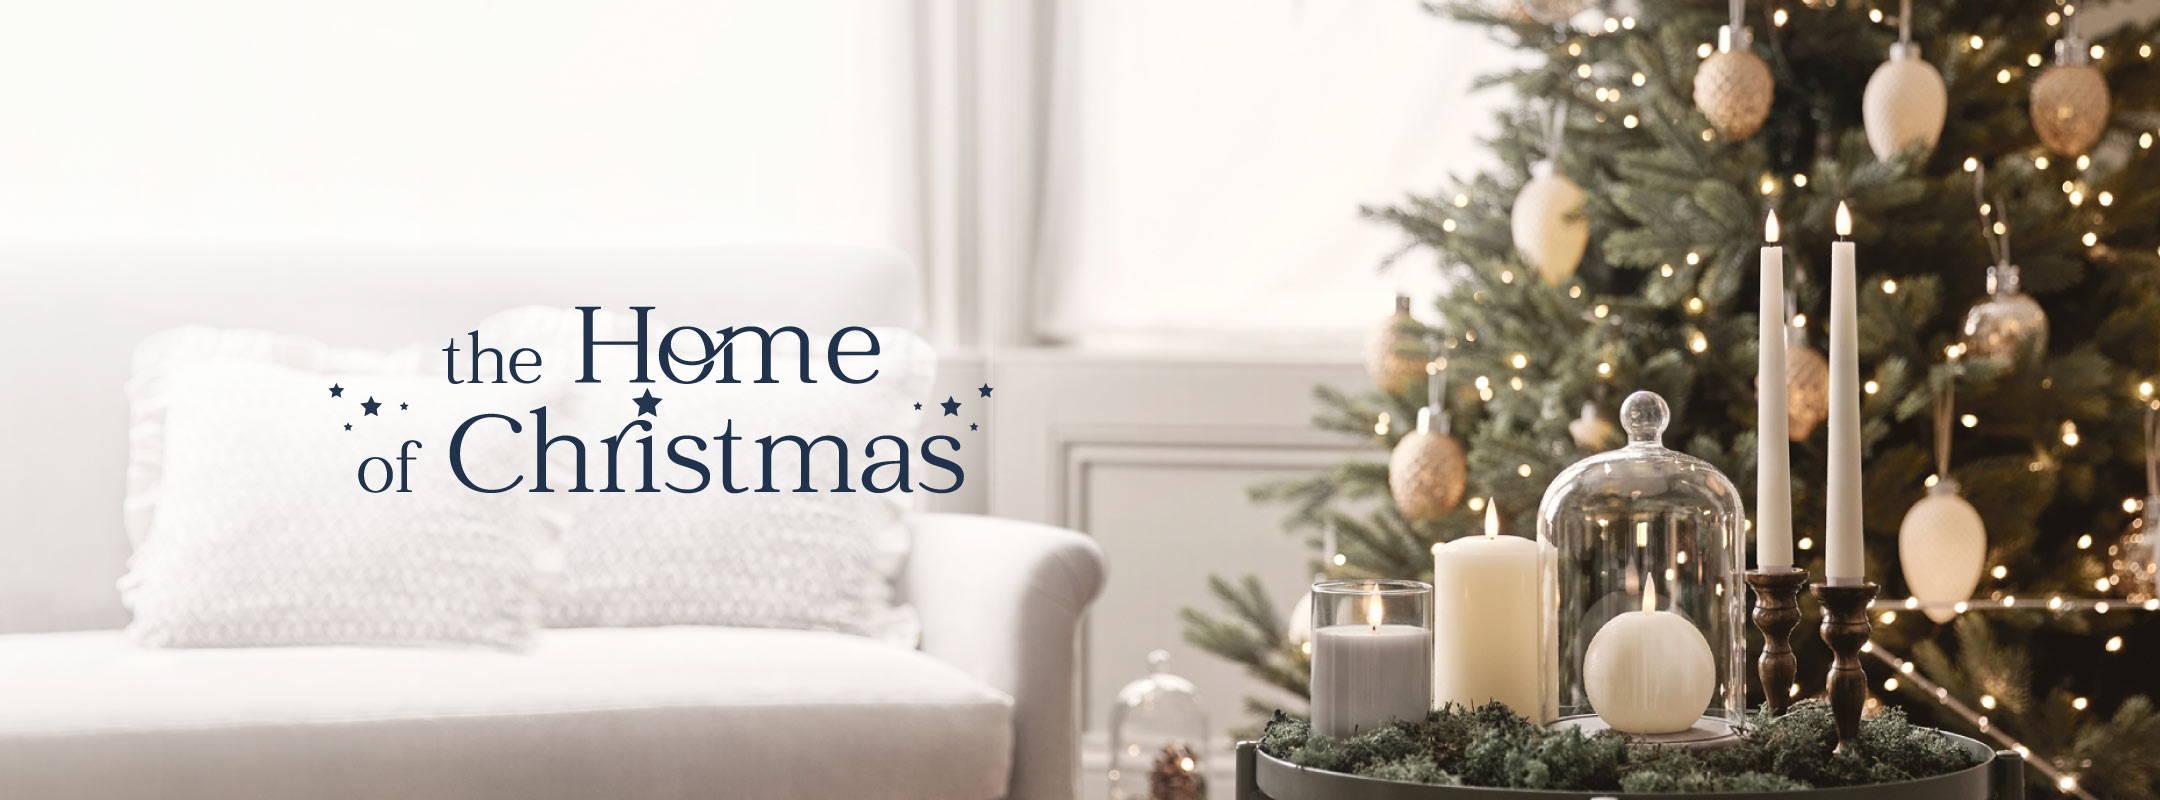 Verschiedene TruGlow LED Kerzen und eine Glasglocke auf einem Beistelltisch im Wohnzimmer, dahinter ein beleuchteter Weihnachtsbaum